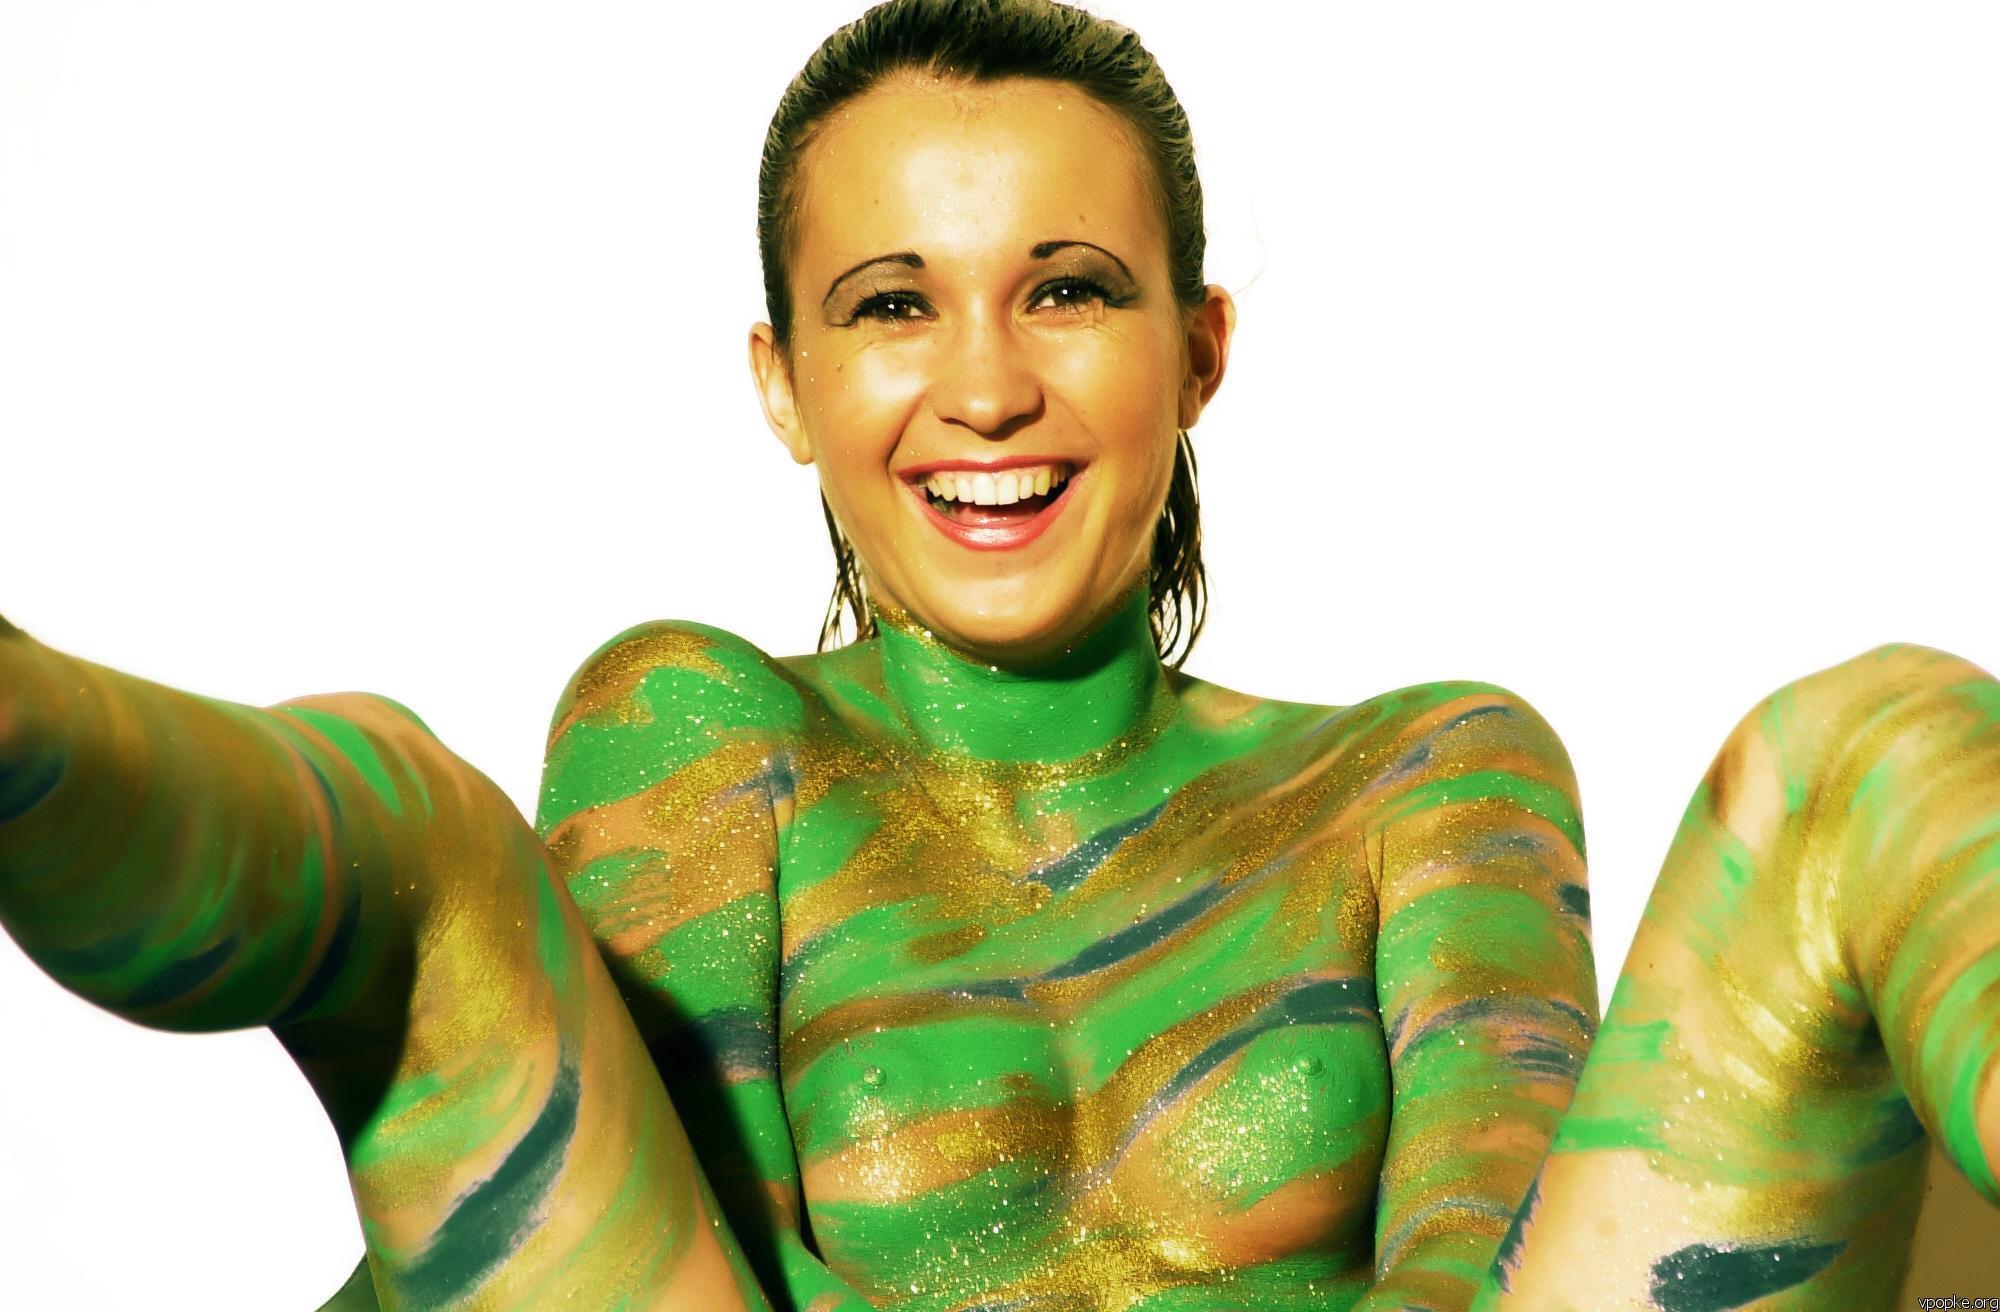 foto-golie-raskrashennie-pozhilaya-nachalnitsa-i-sekretarsha-porno-video